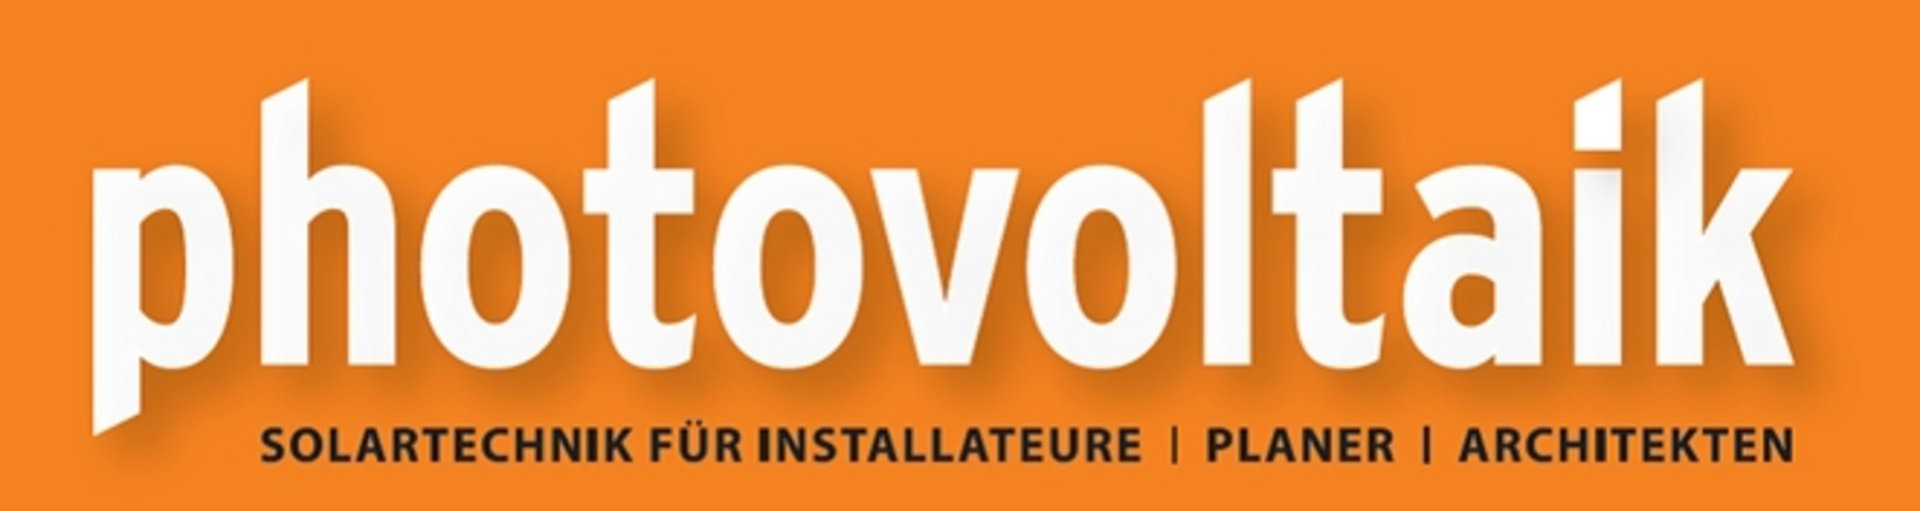 Logo der Fachzeitschrift photovoltaik